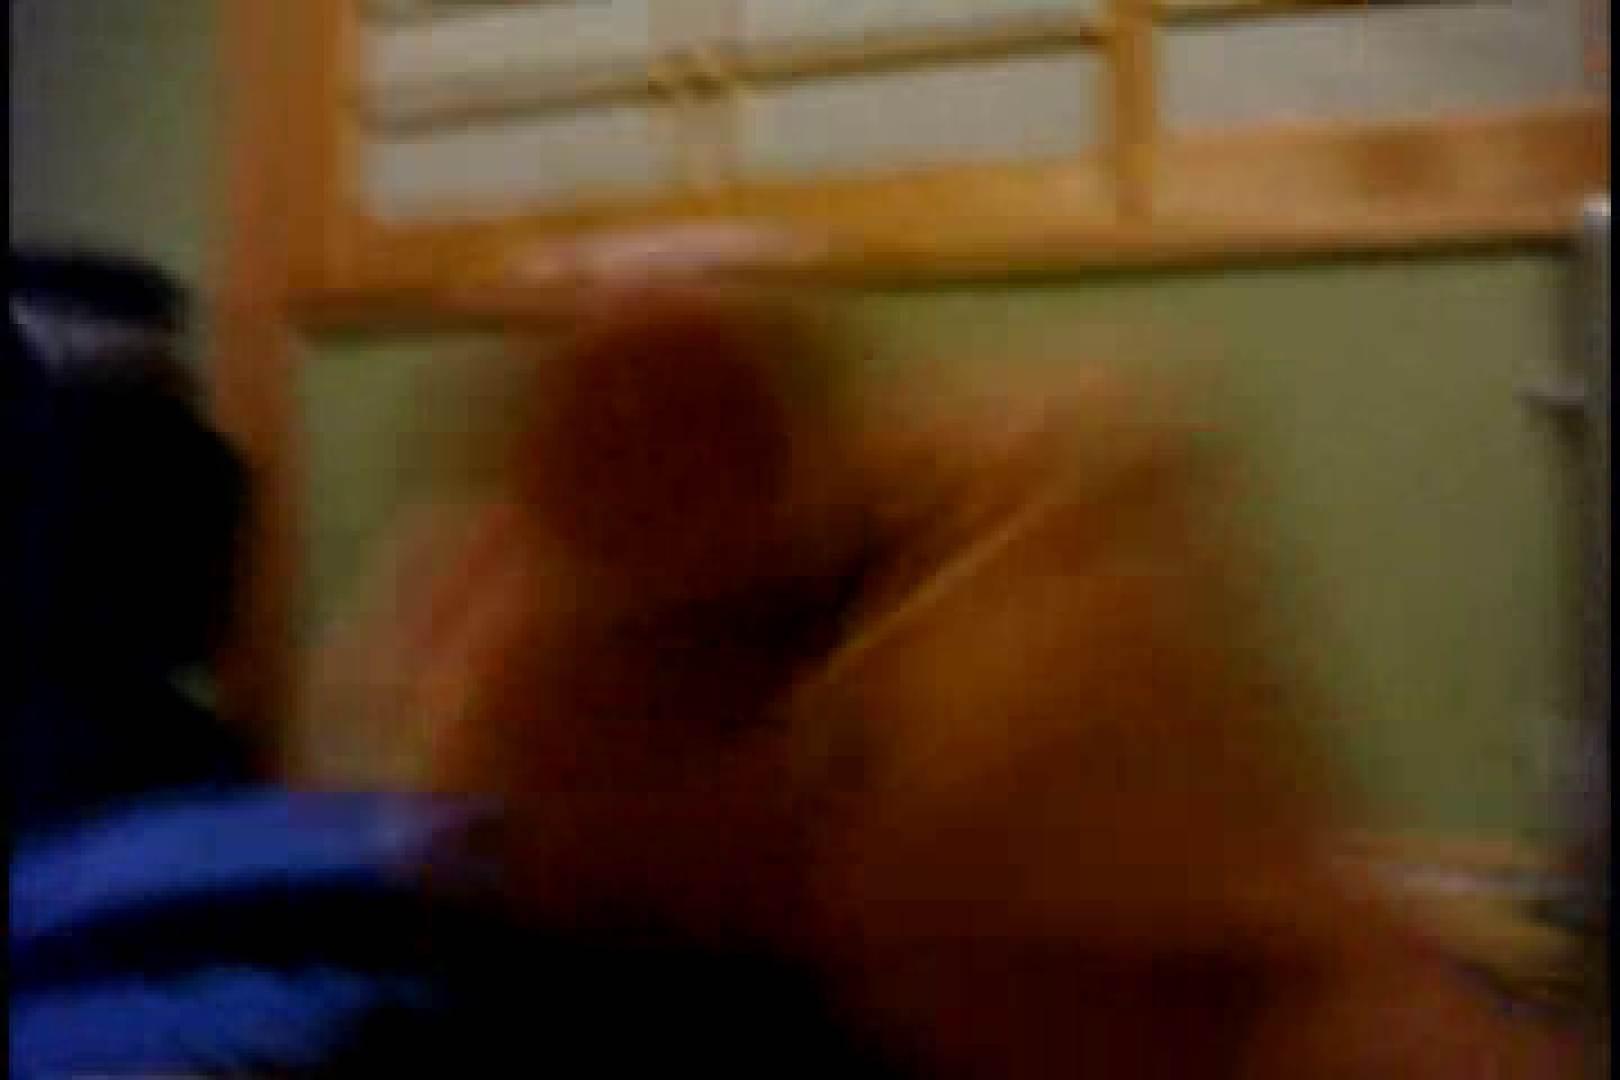 オナ好きノンケテニス部員の自画撮り投稿vol.02 オナニー | ノンケ一筋 アダルトビデオ画像キャプチャ 89pic 41